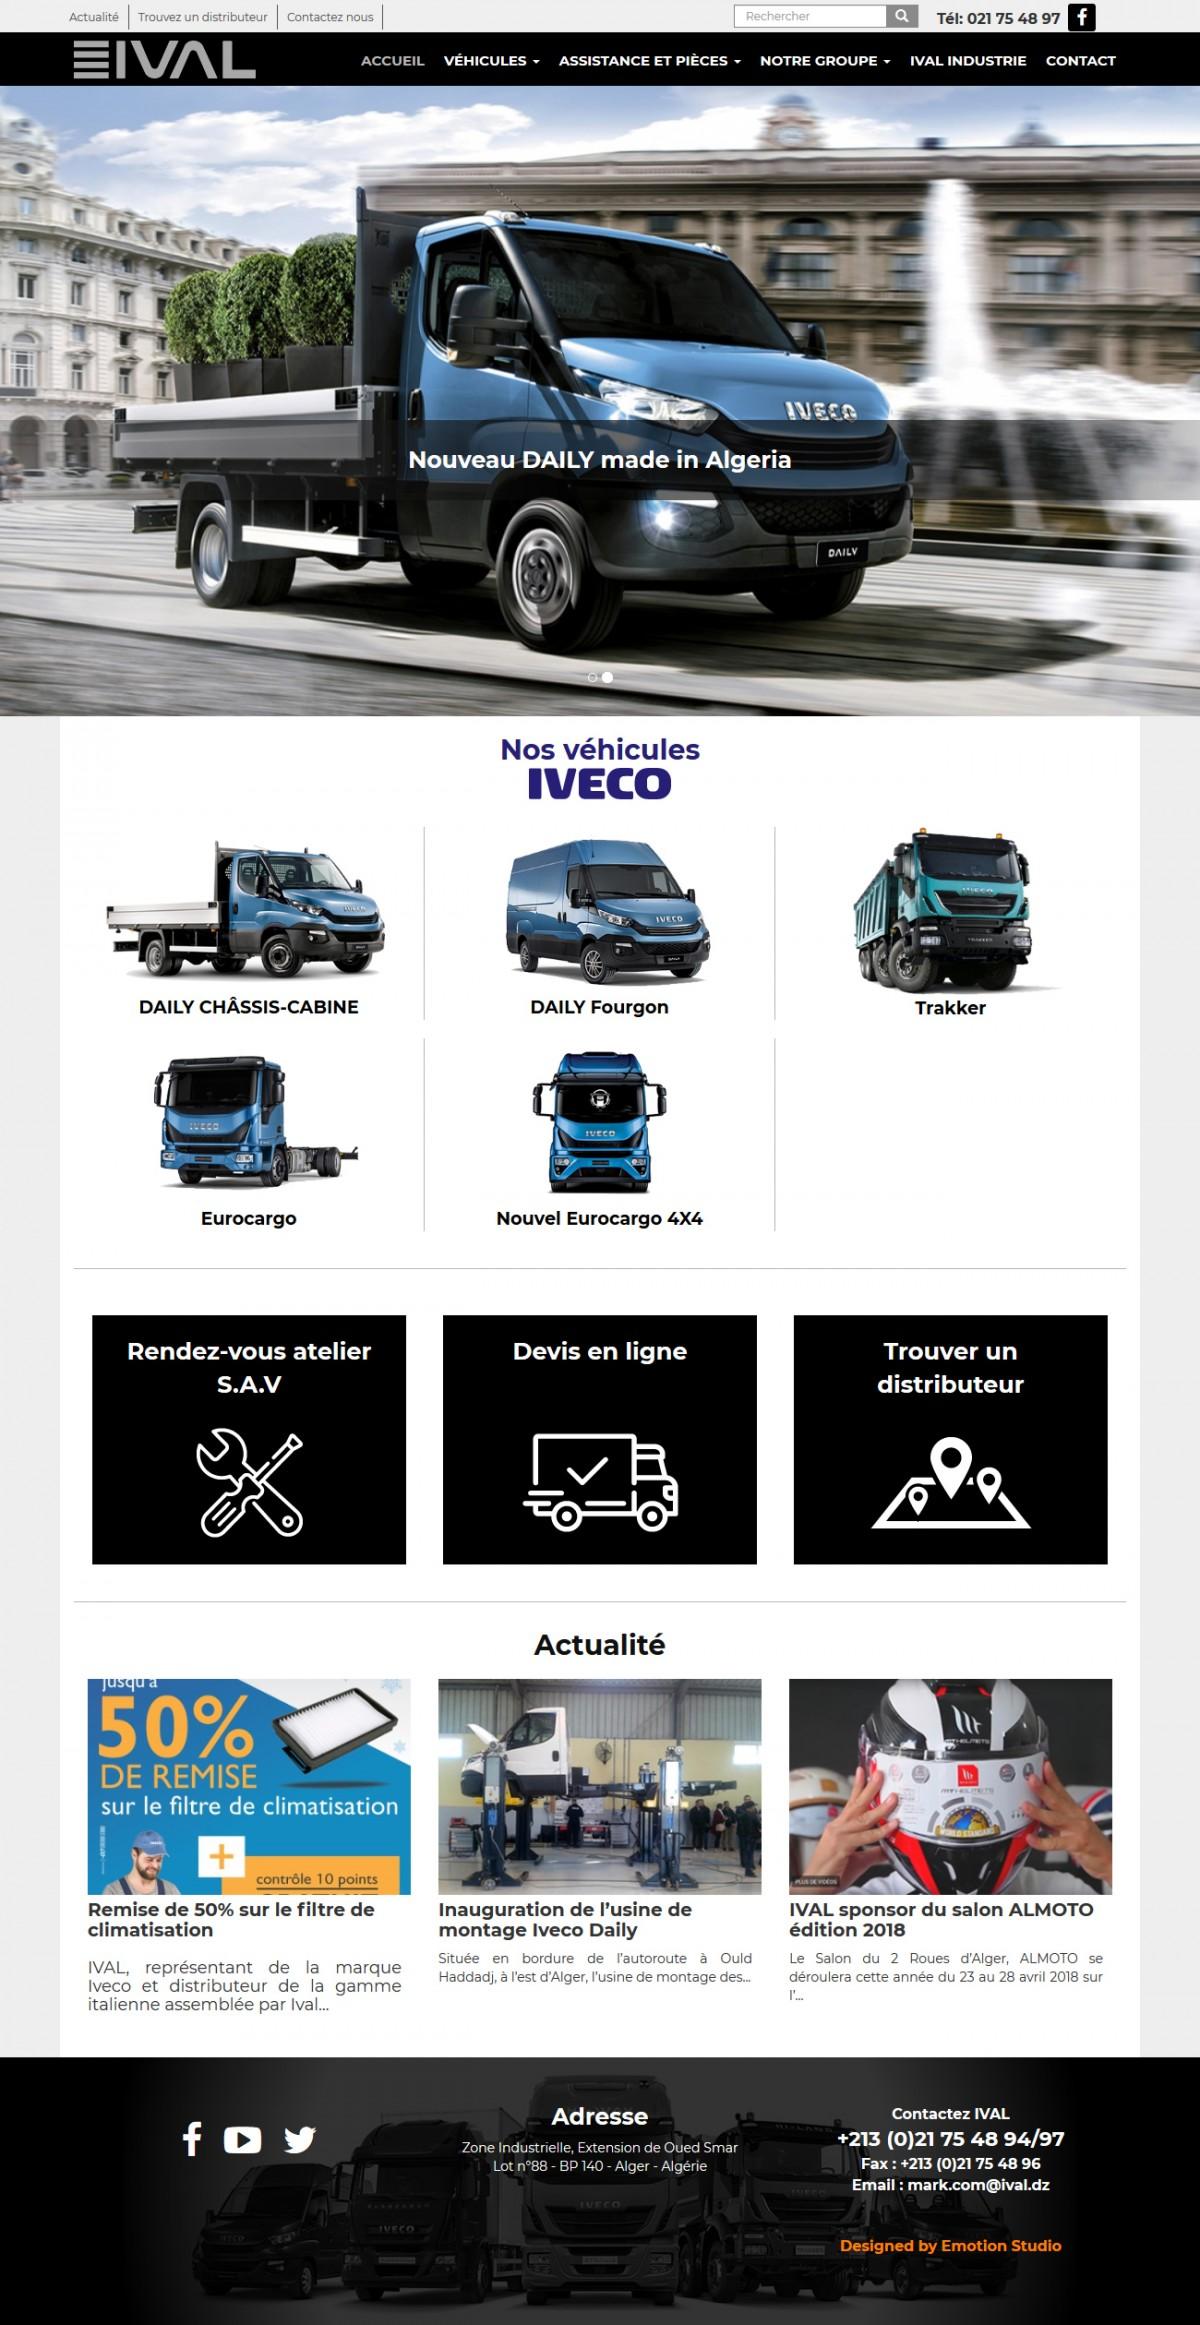 Page d'accueil du site web de IVAL - iveco algerie